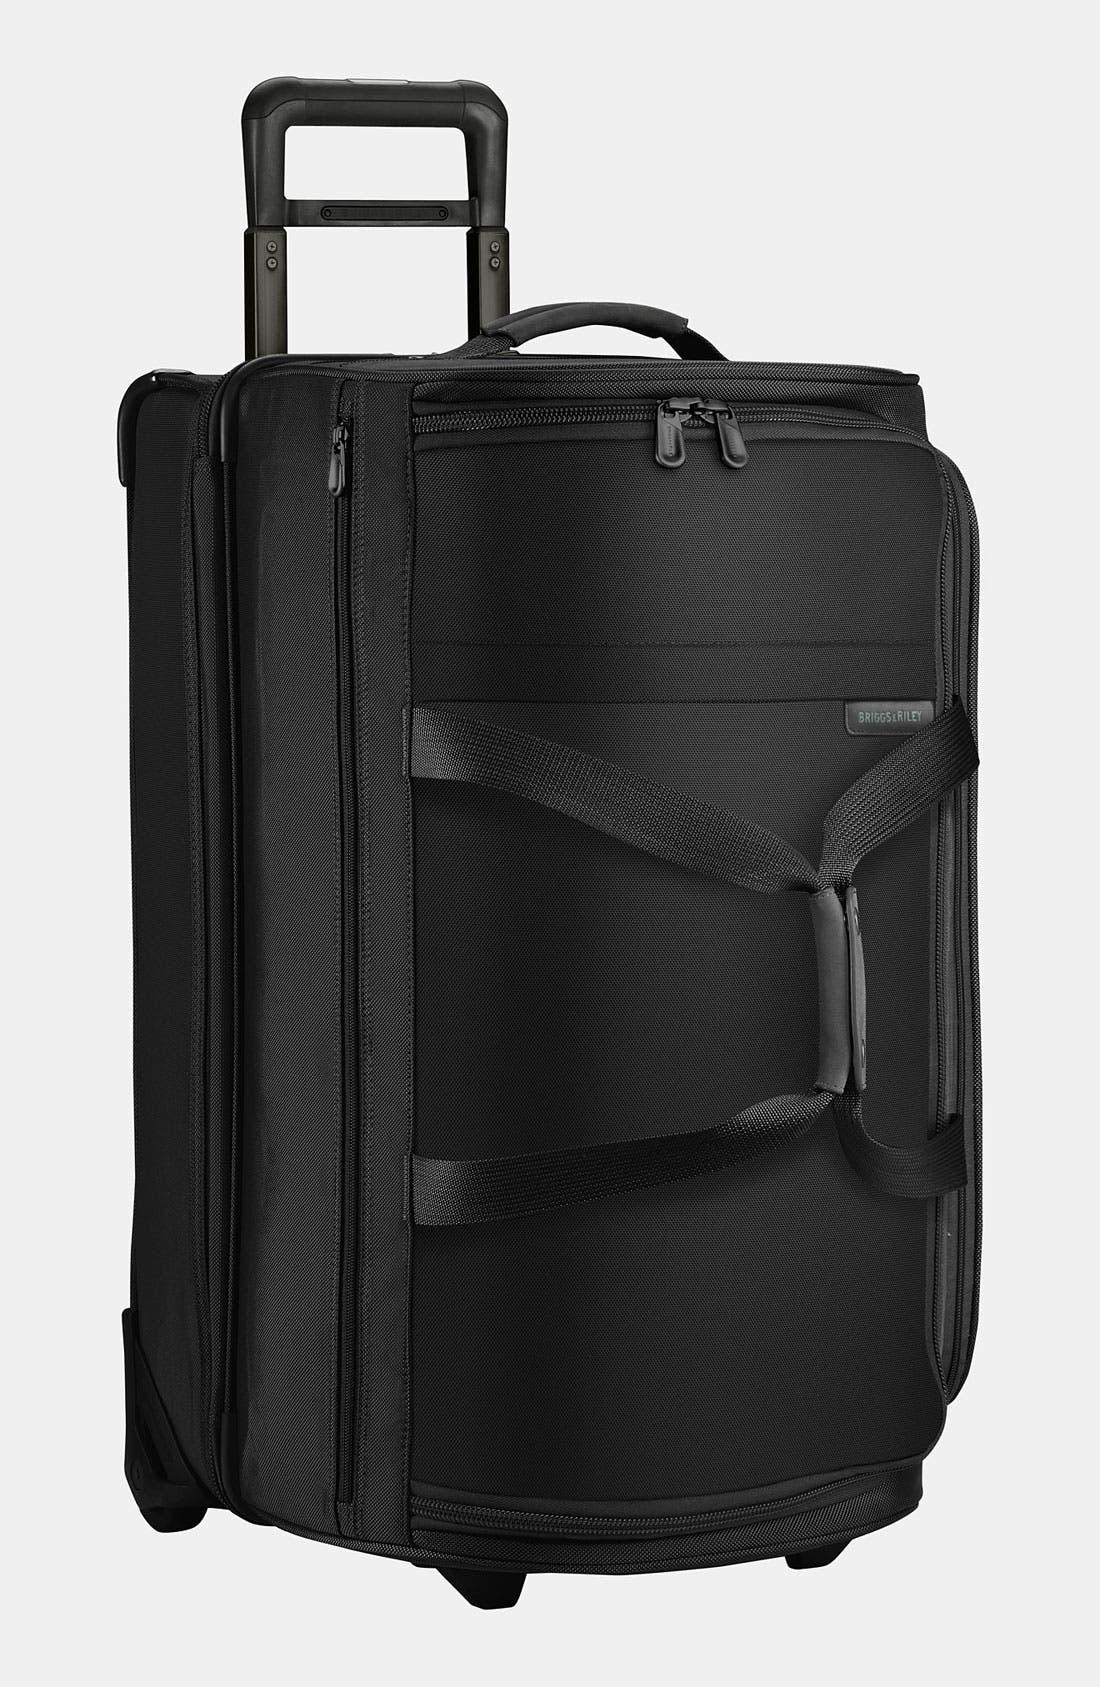 BRIGGS & RILEY Medium Baseline Rolling Duffel Bag